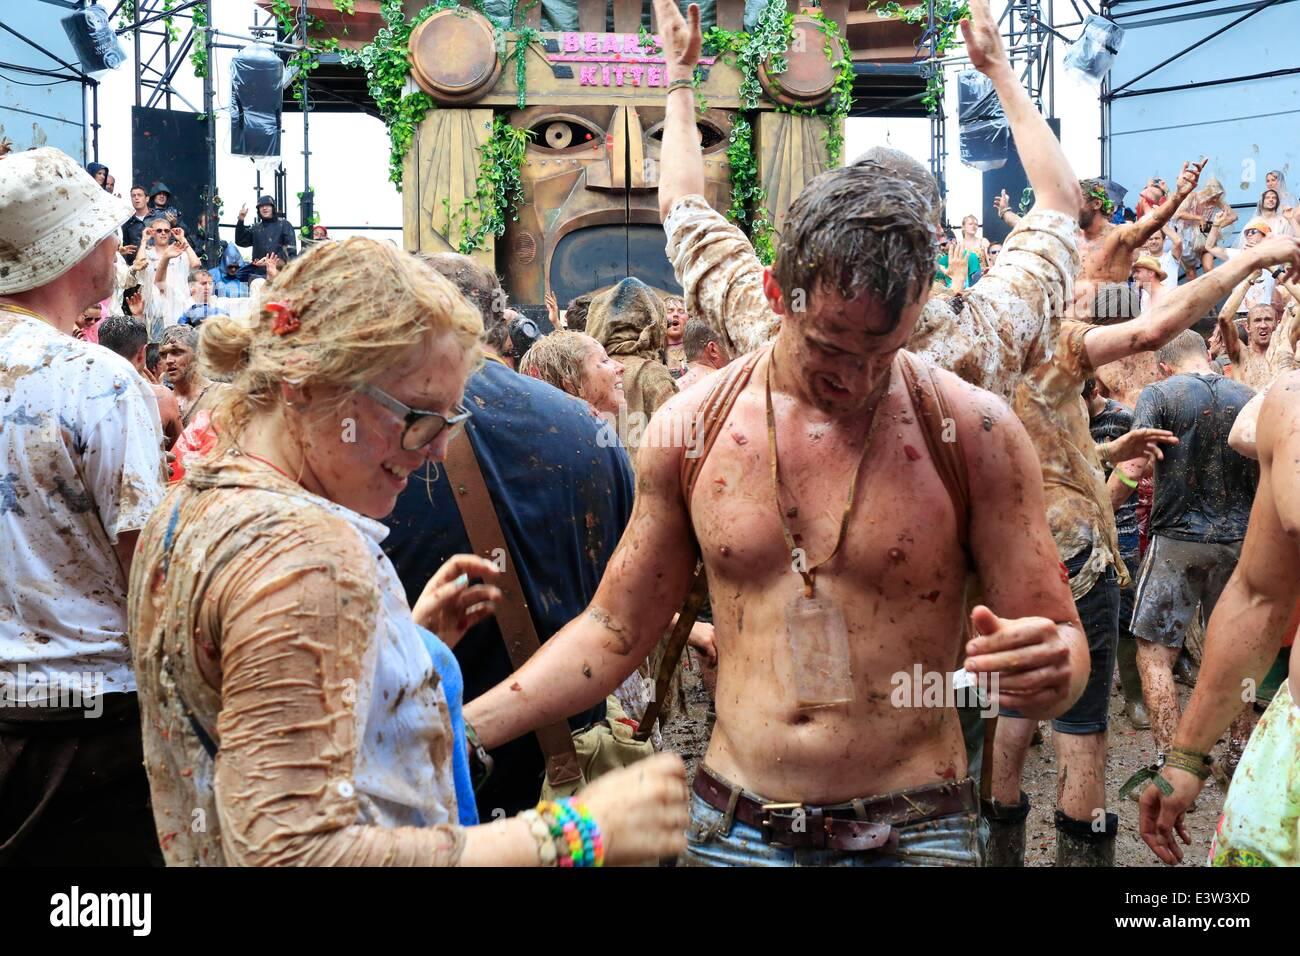 Gemischte duschen festival